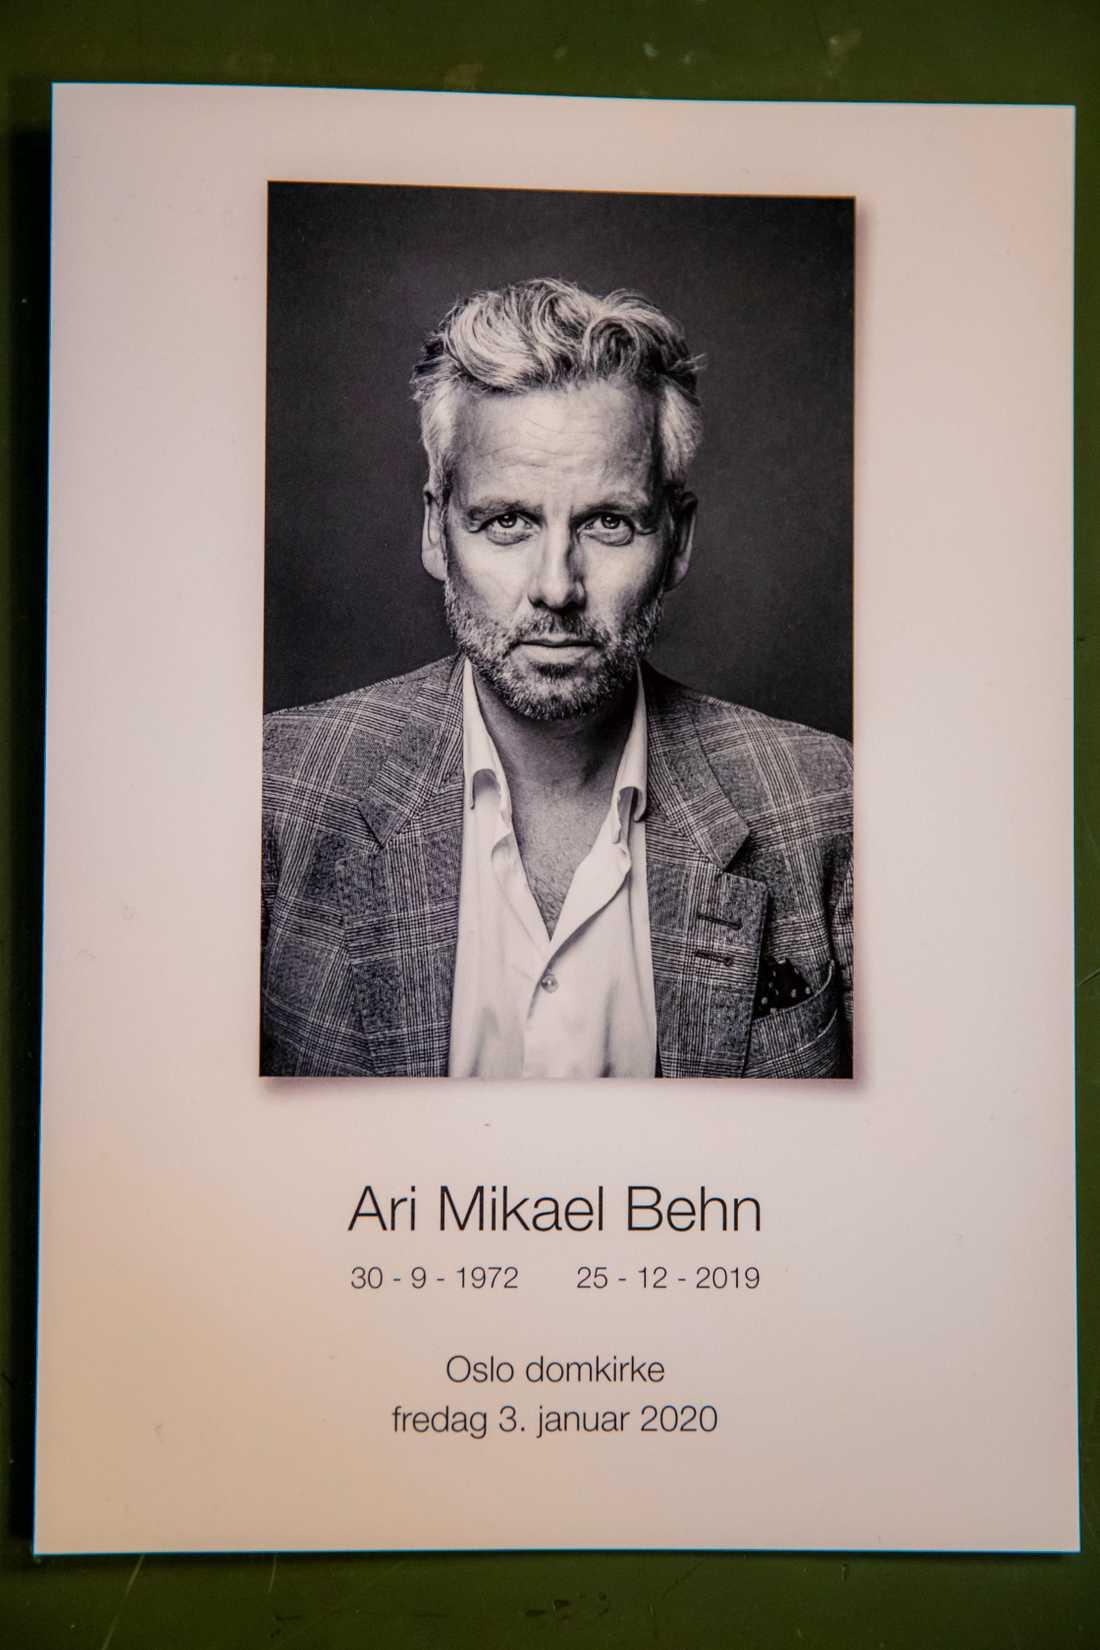 Fotografen och Ari Behns nära vän Per Heimli har tagit bilden till programbladet på första sidan inför Ari Behns begravning i Oslo domkirke.